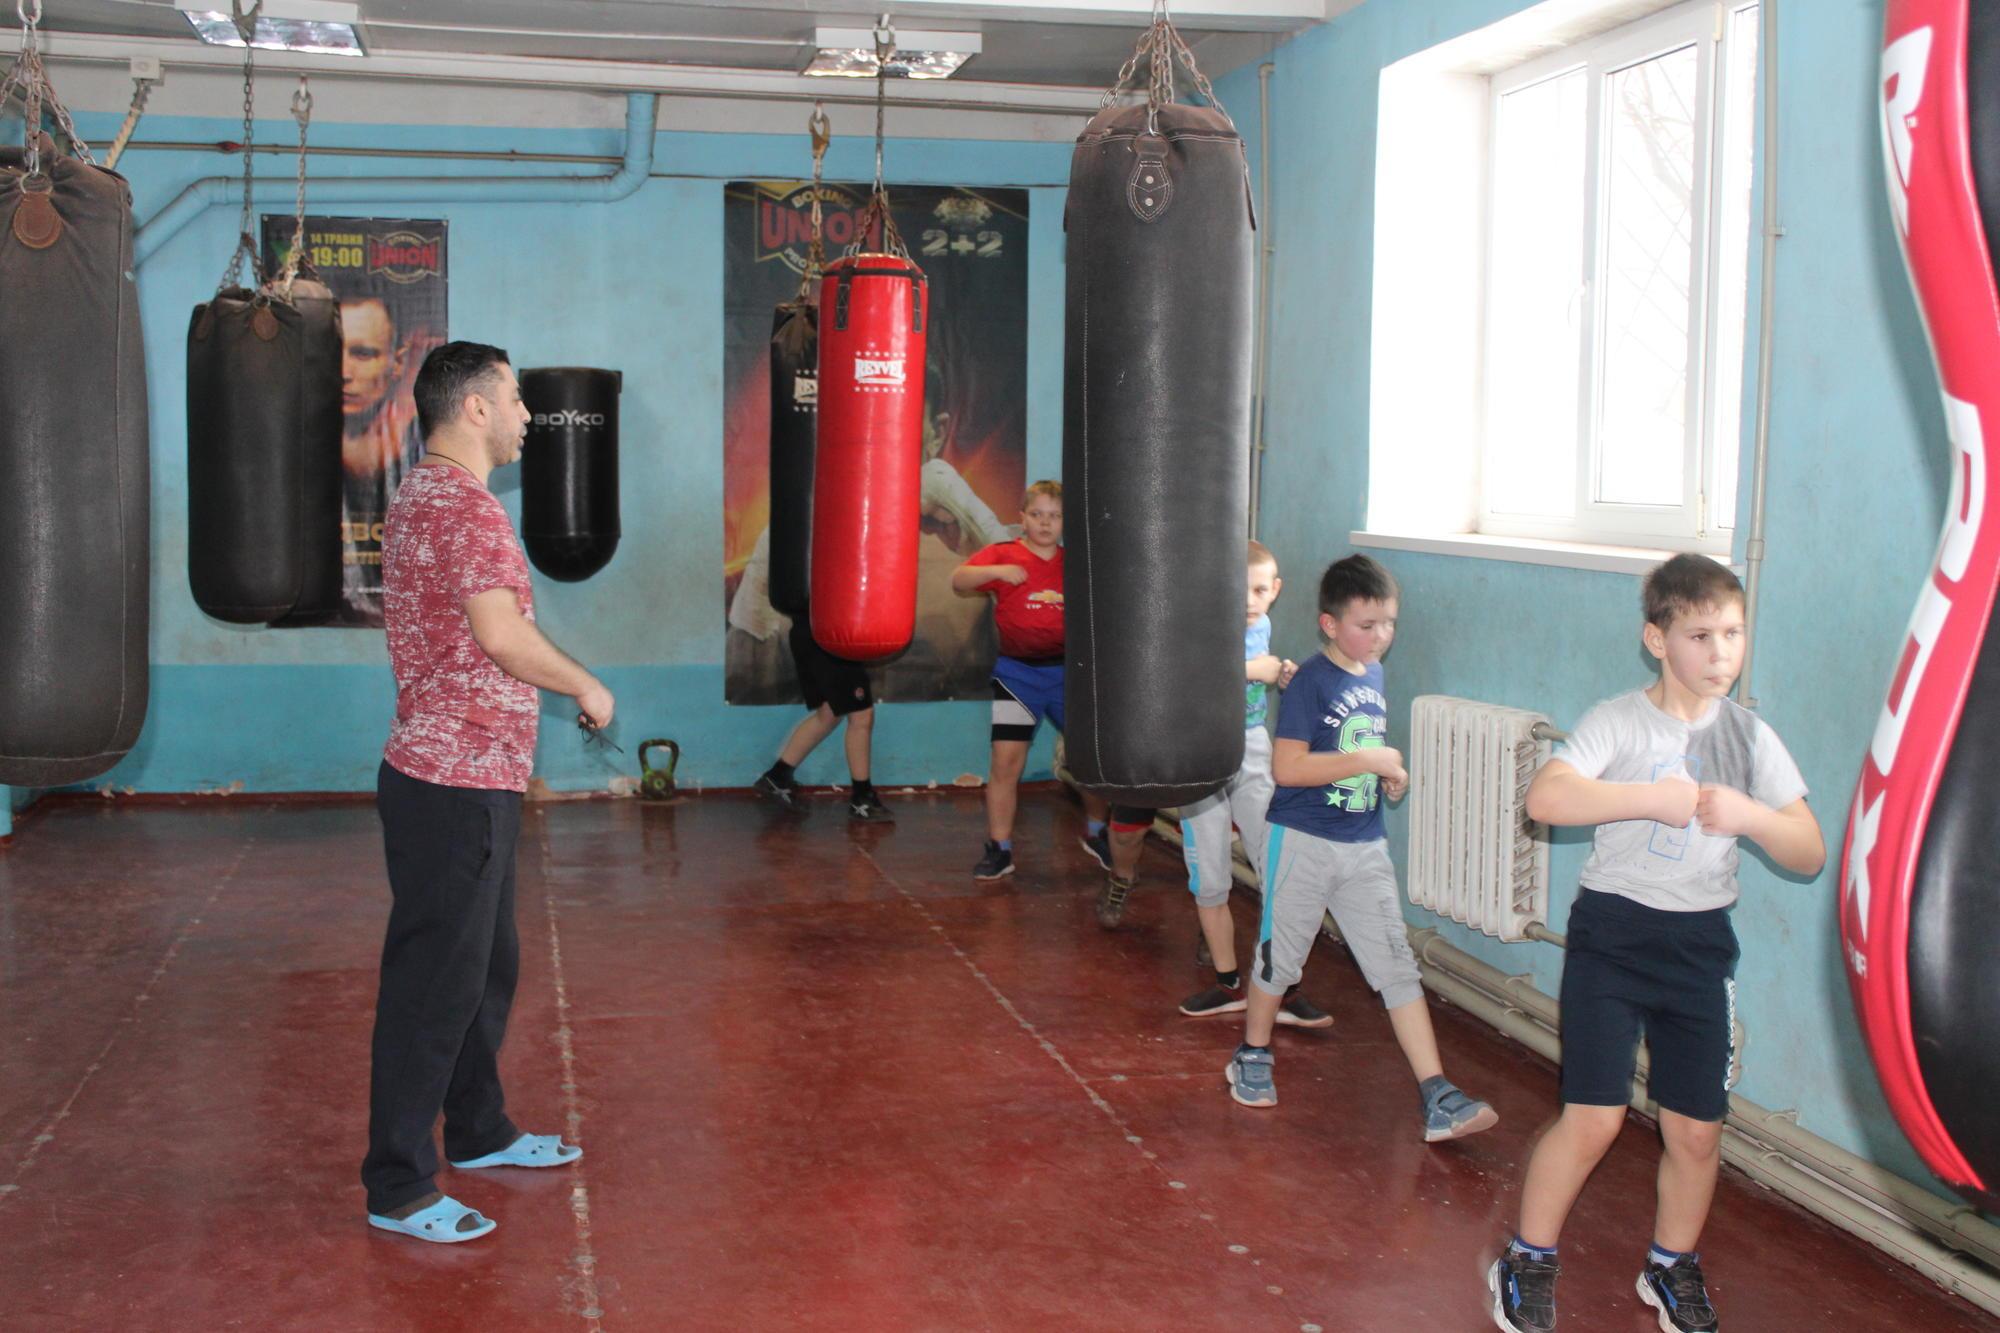 Еміль Гангалов тренує дітей у боксерському клубі Соледара